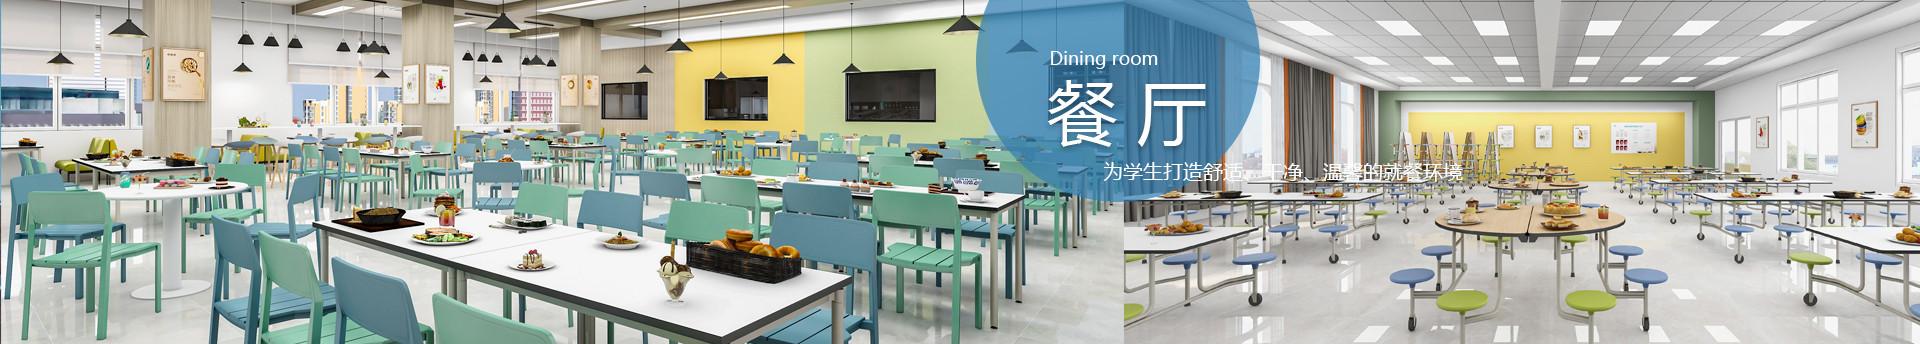 折叠餐桌椅-达拉斯学校餐厅家具-食堂餐桌椅-学生食堂餐桌椅组合-SEEWIN诗敏学校家具国际学校家具-学生课桌椅-学生宿舍床-未来教室家具-上海诗敏学校家具厂家